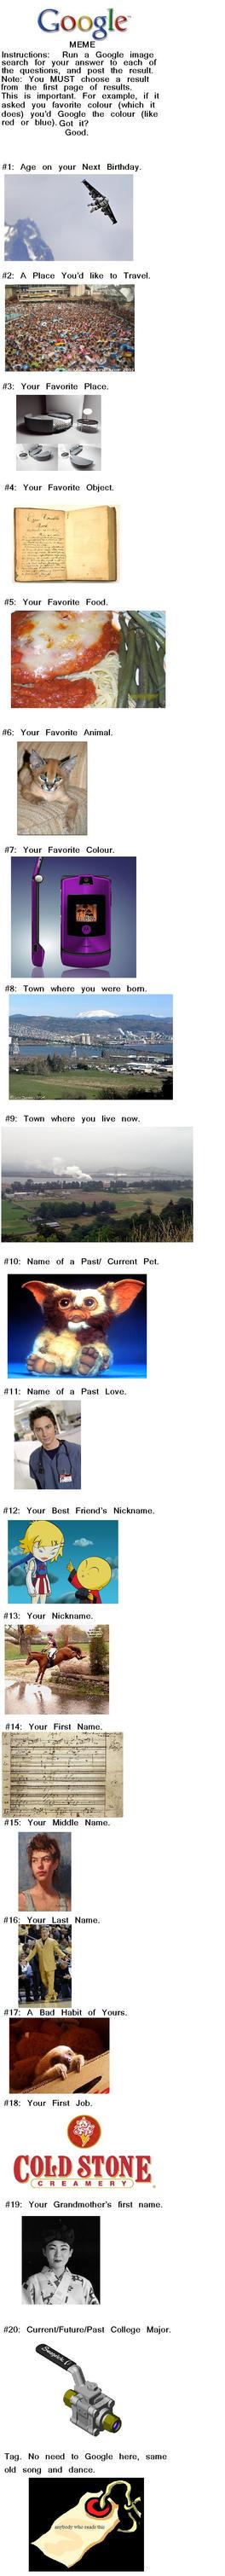 Google Meme by Buyn